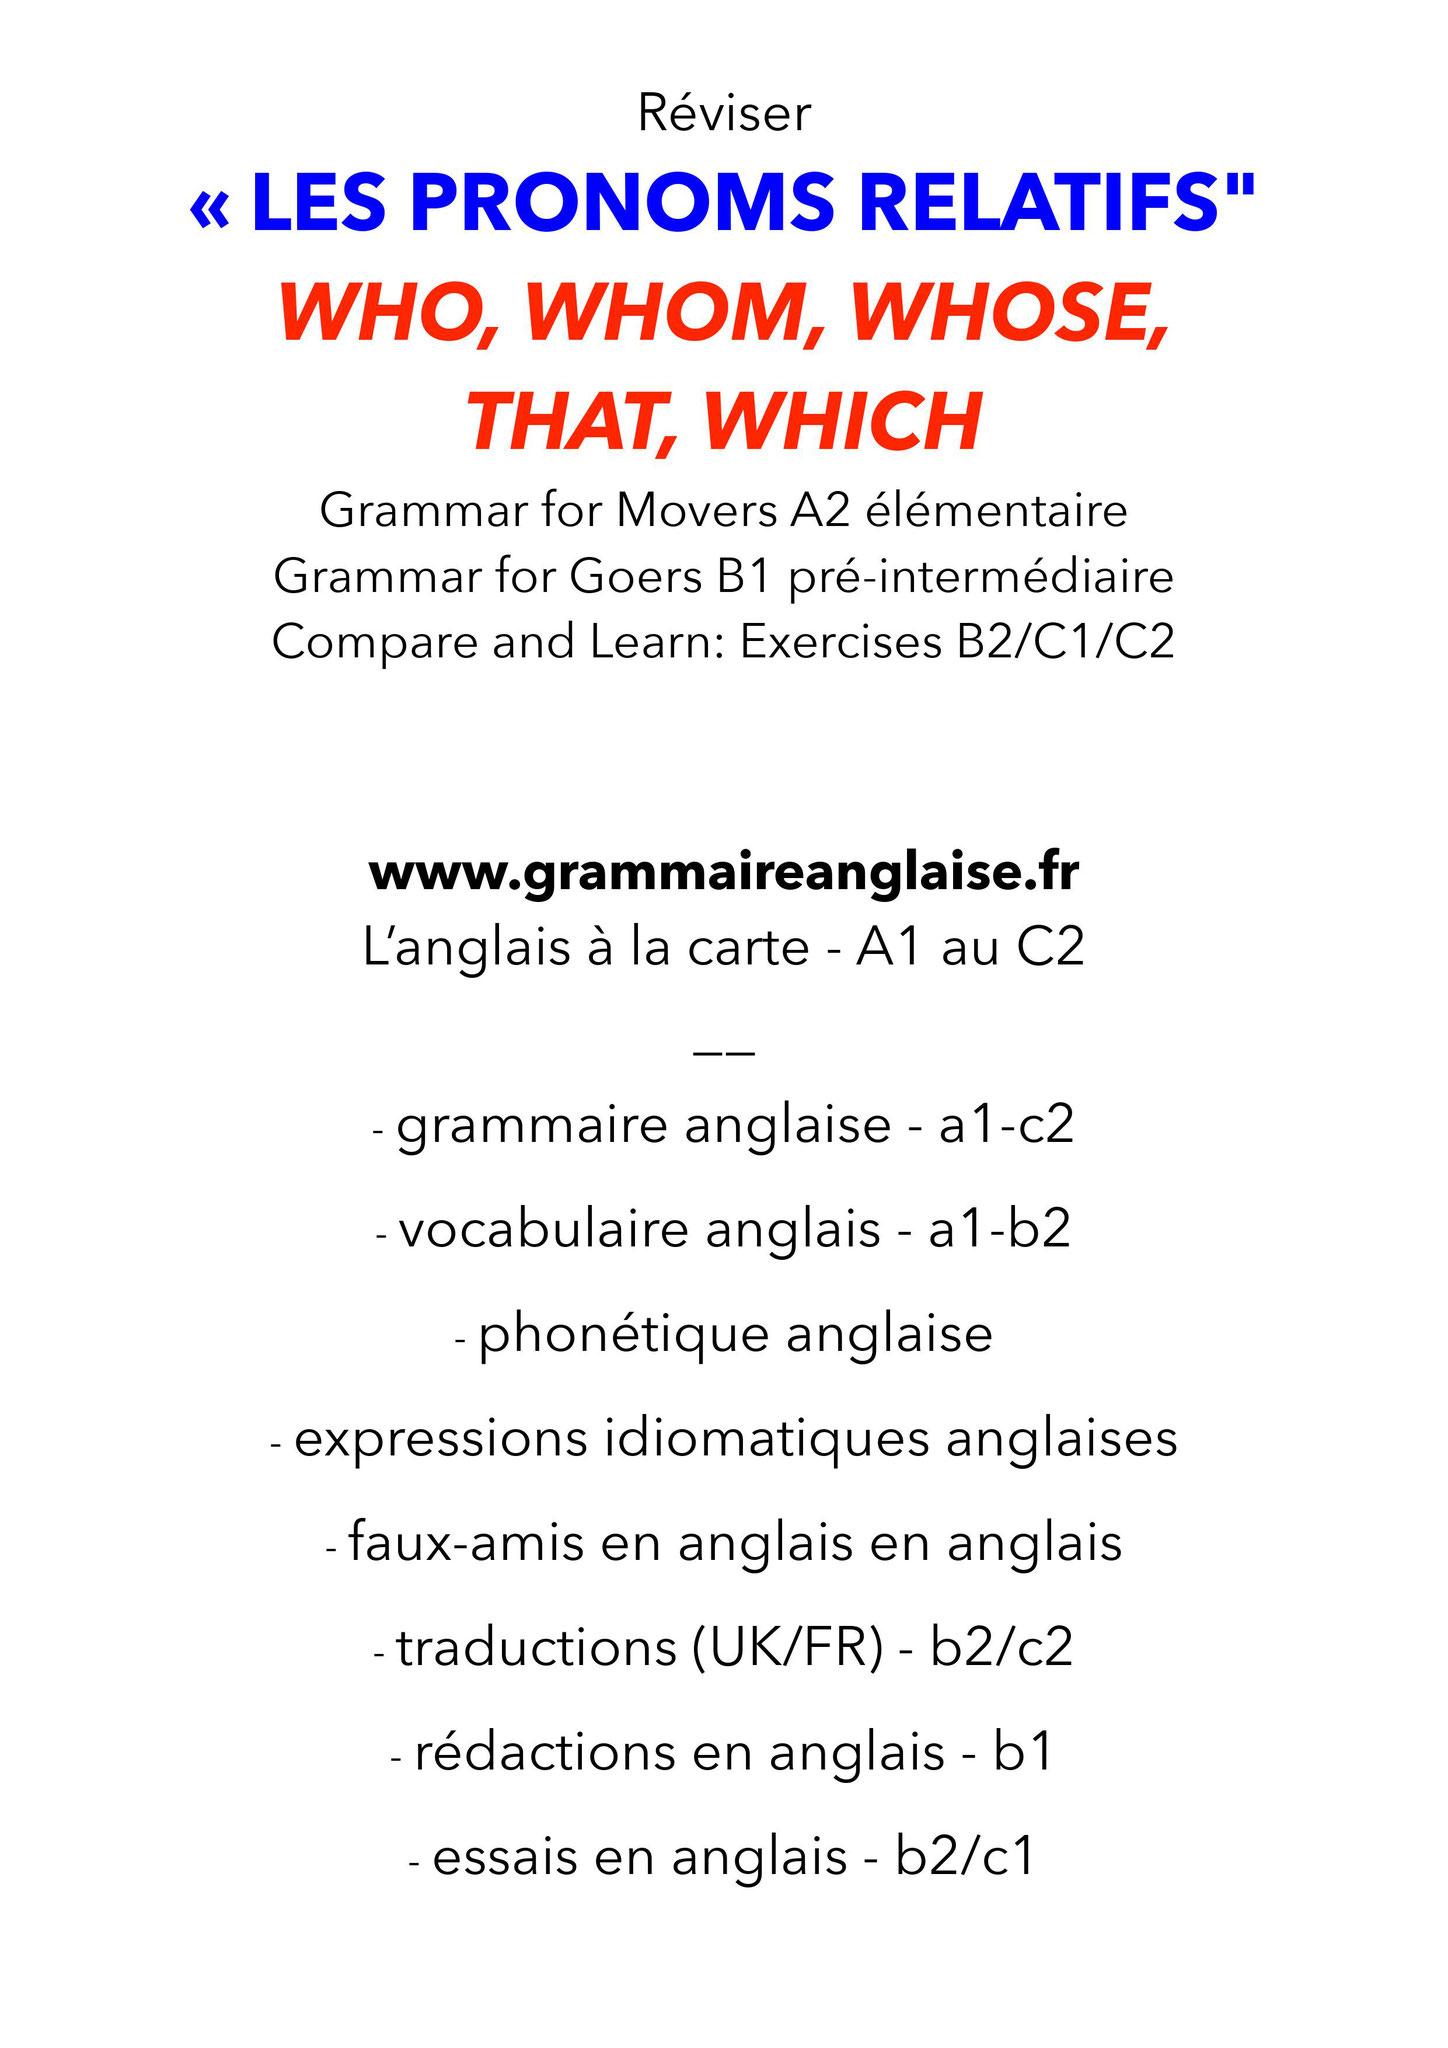 https://www.grammaireanglaise.fr/